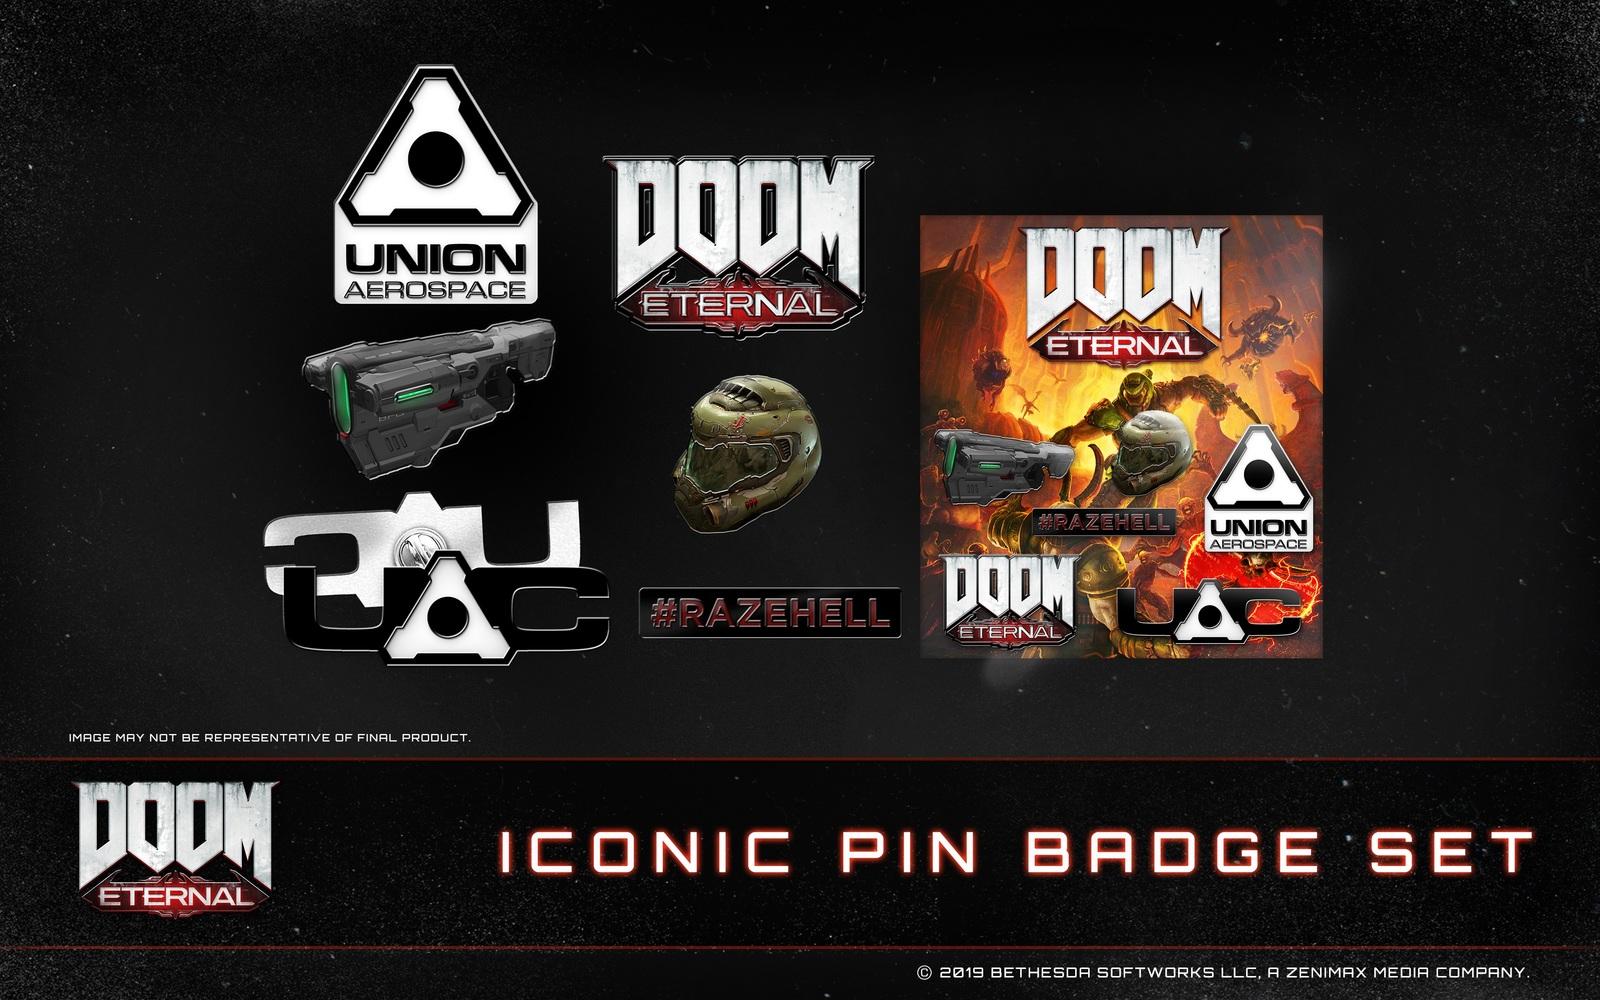 exclusive DOOM pin badge set image